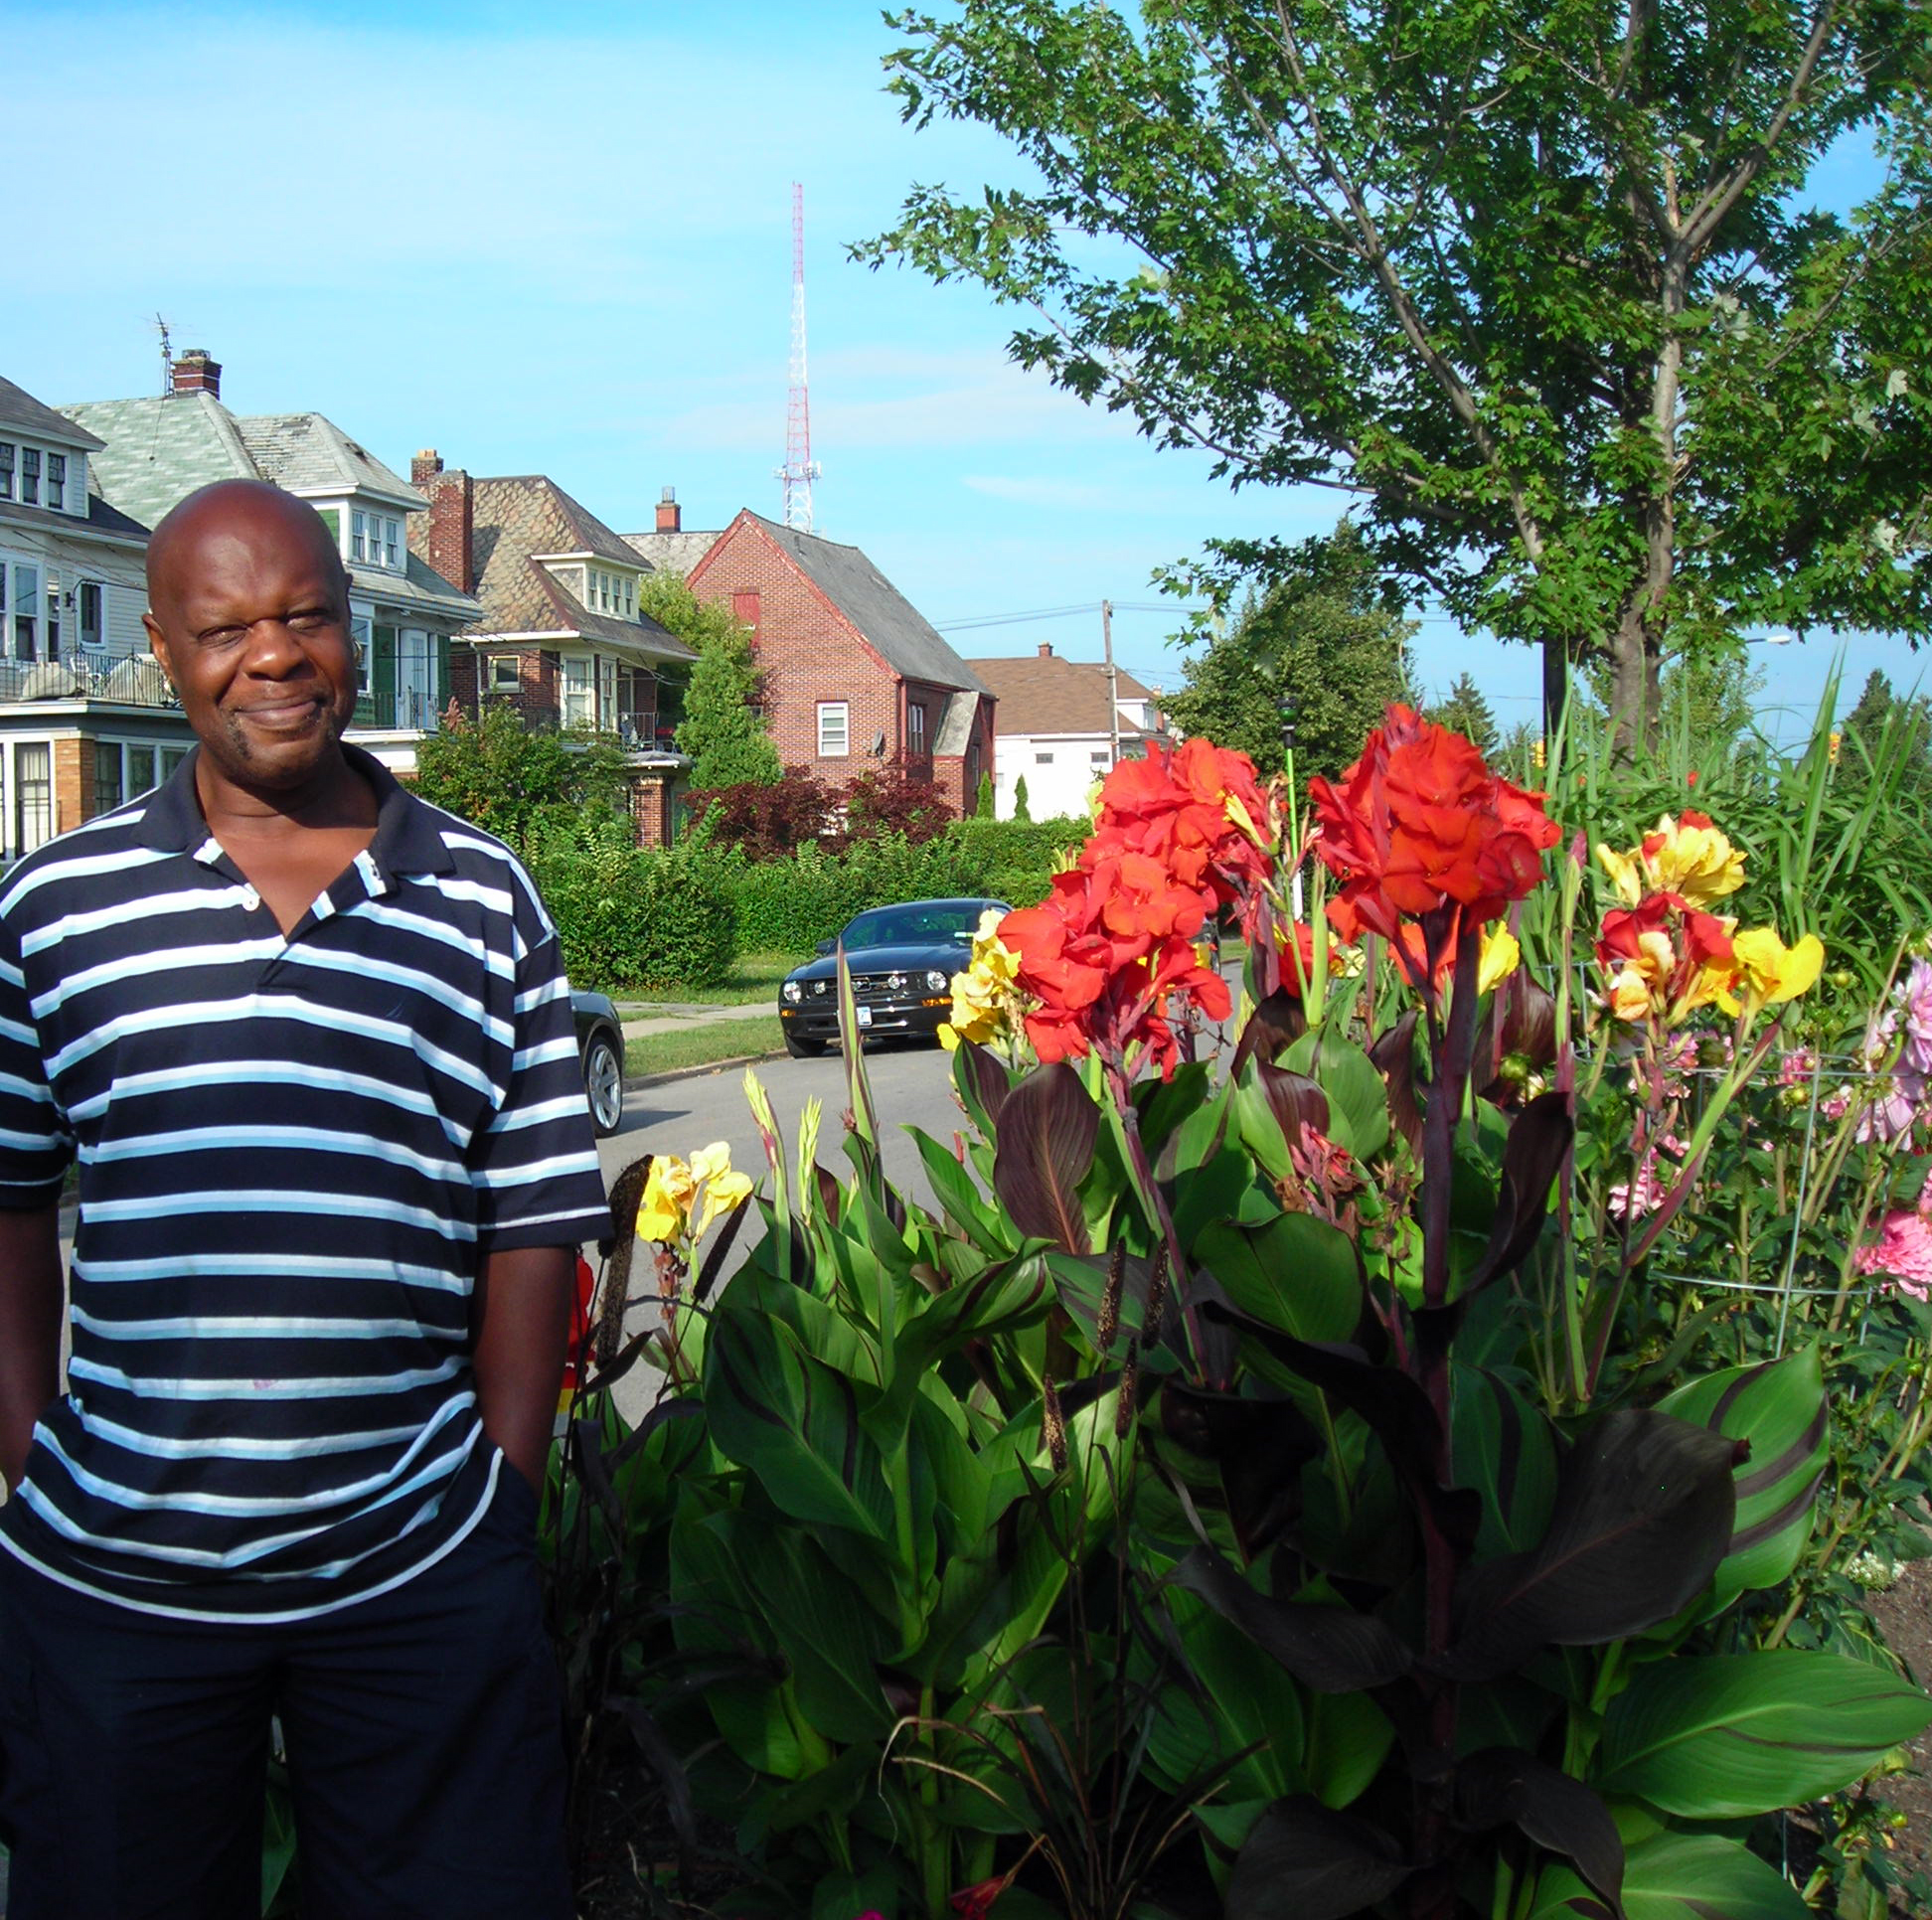 Pernell Carson Buffalo Gardener